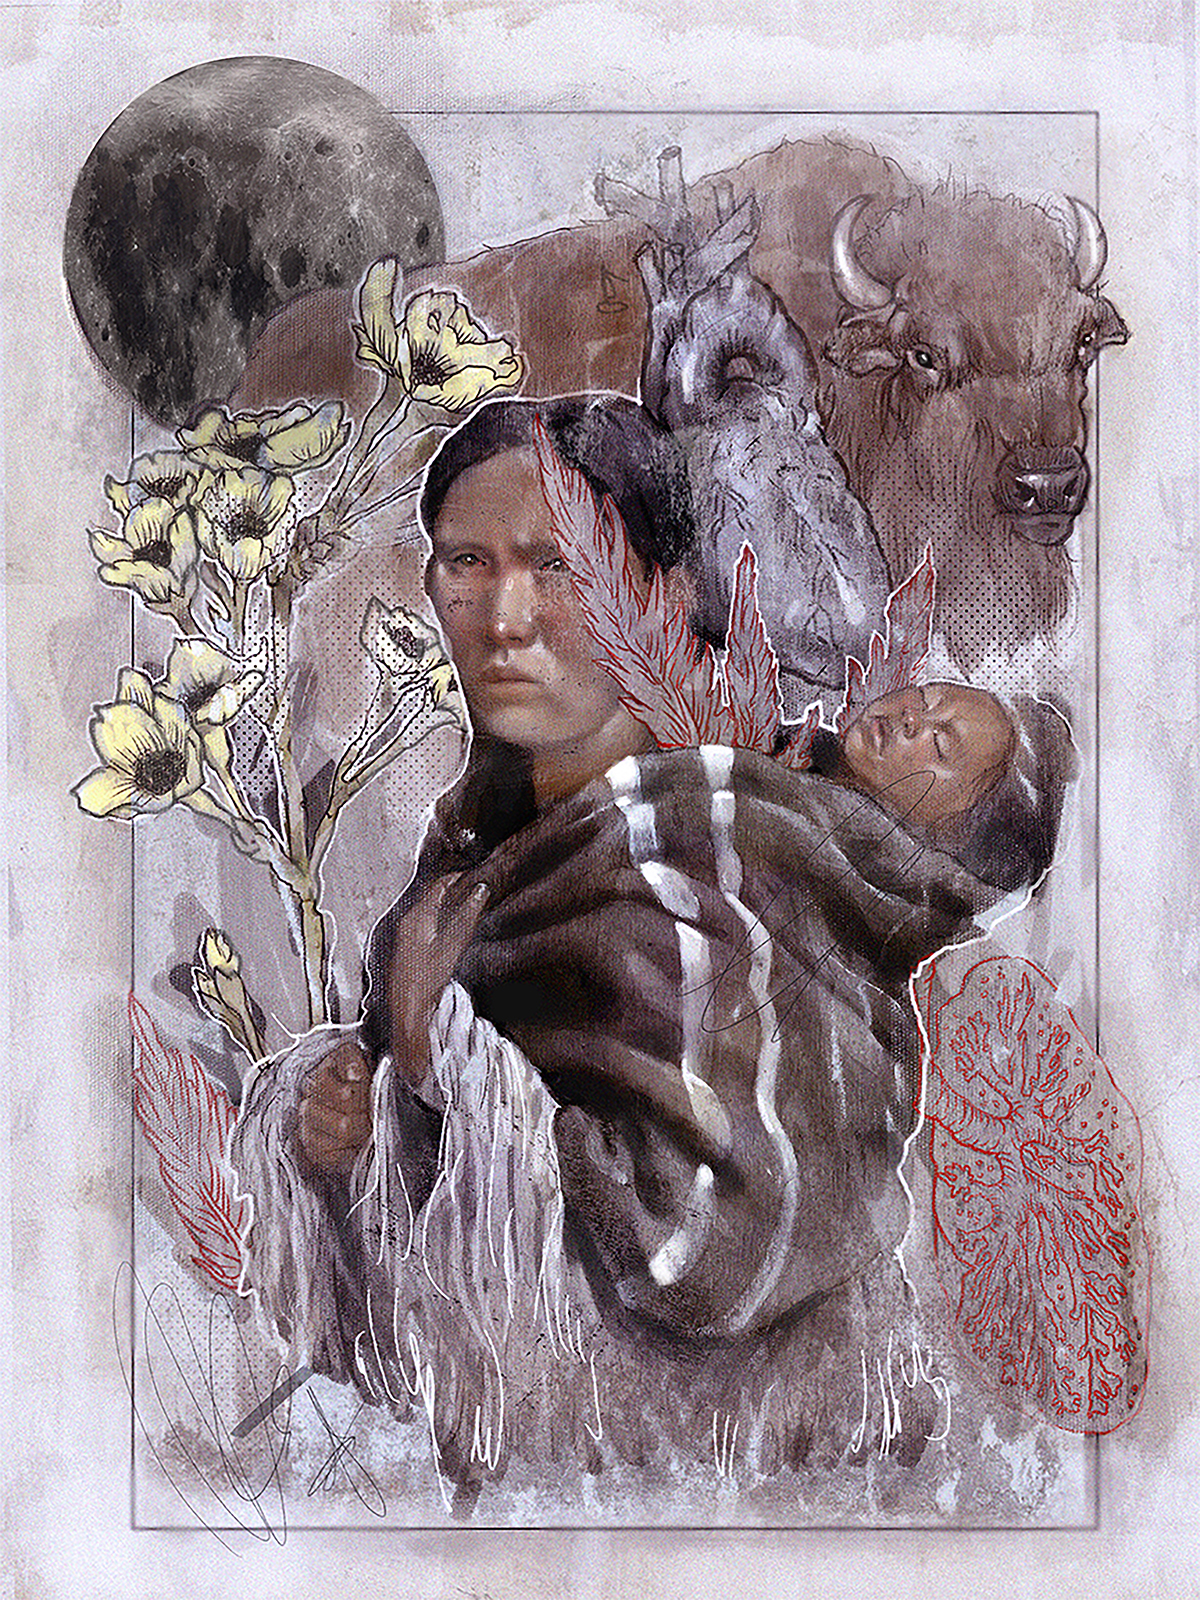 Illustration by Janine Kwok